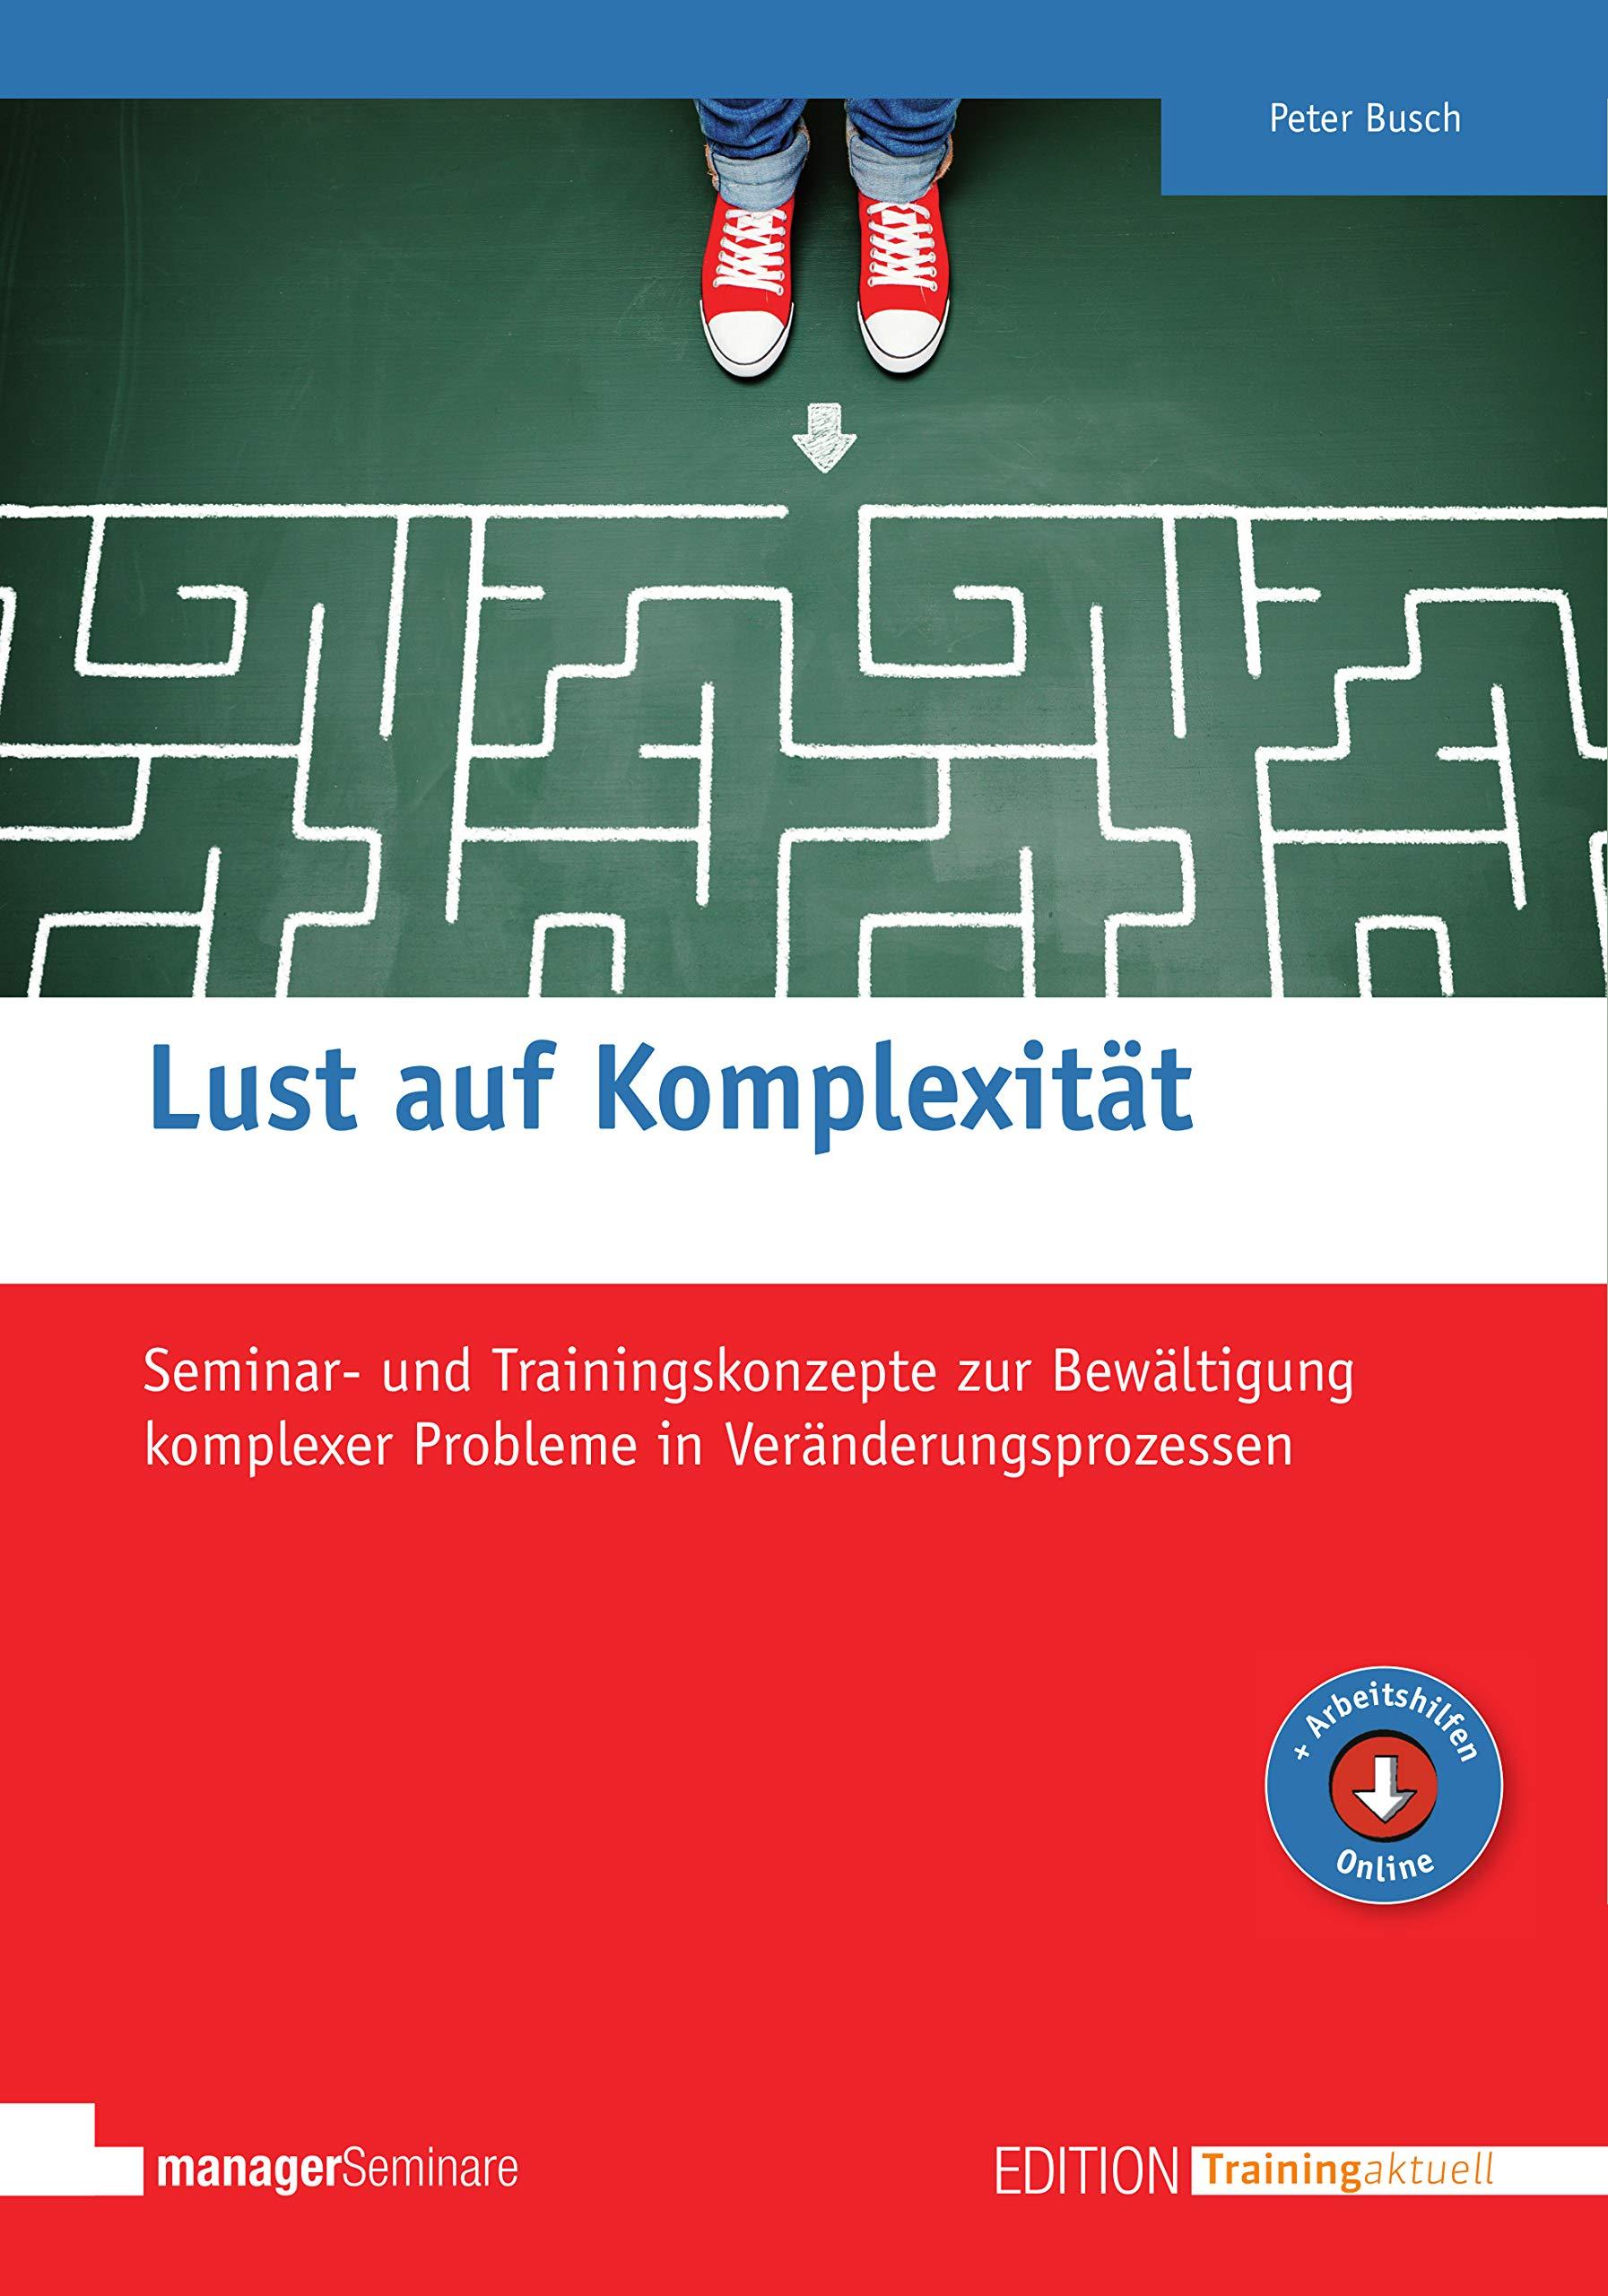 Lust auf Komplexität (Edition Training aktuell)